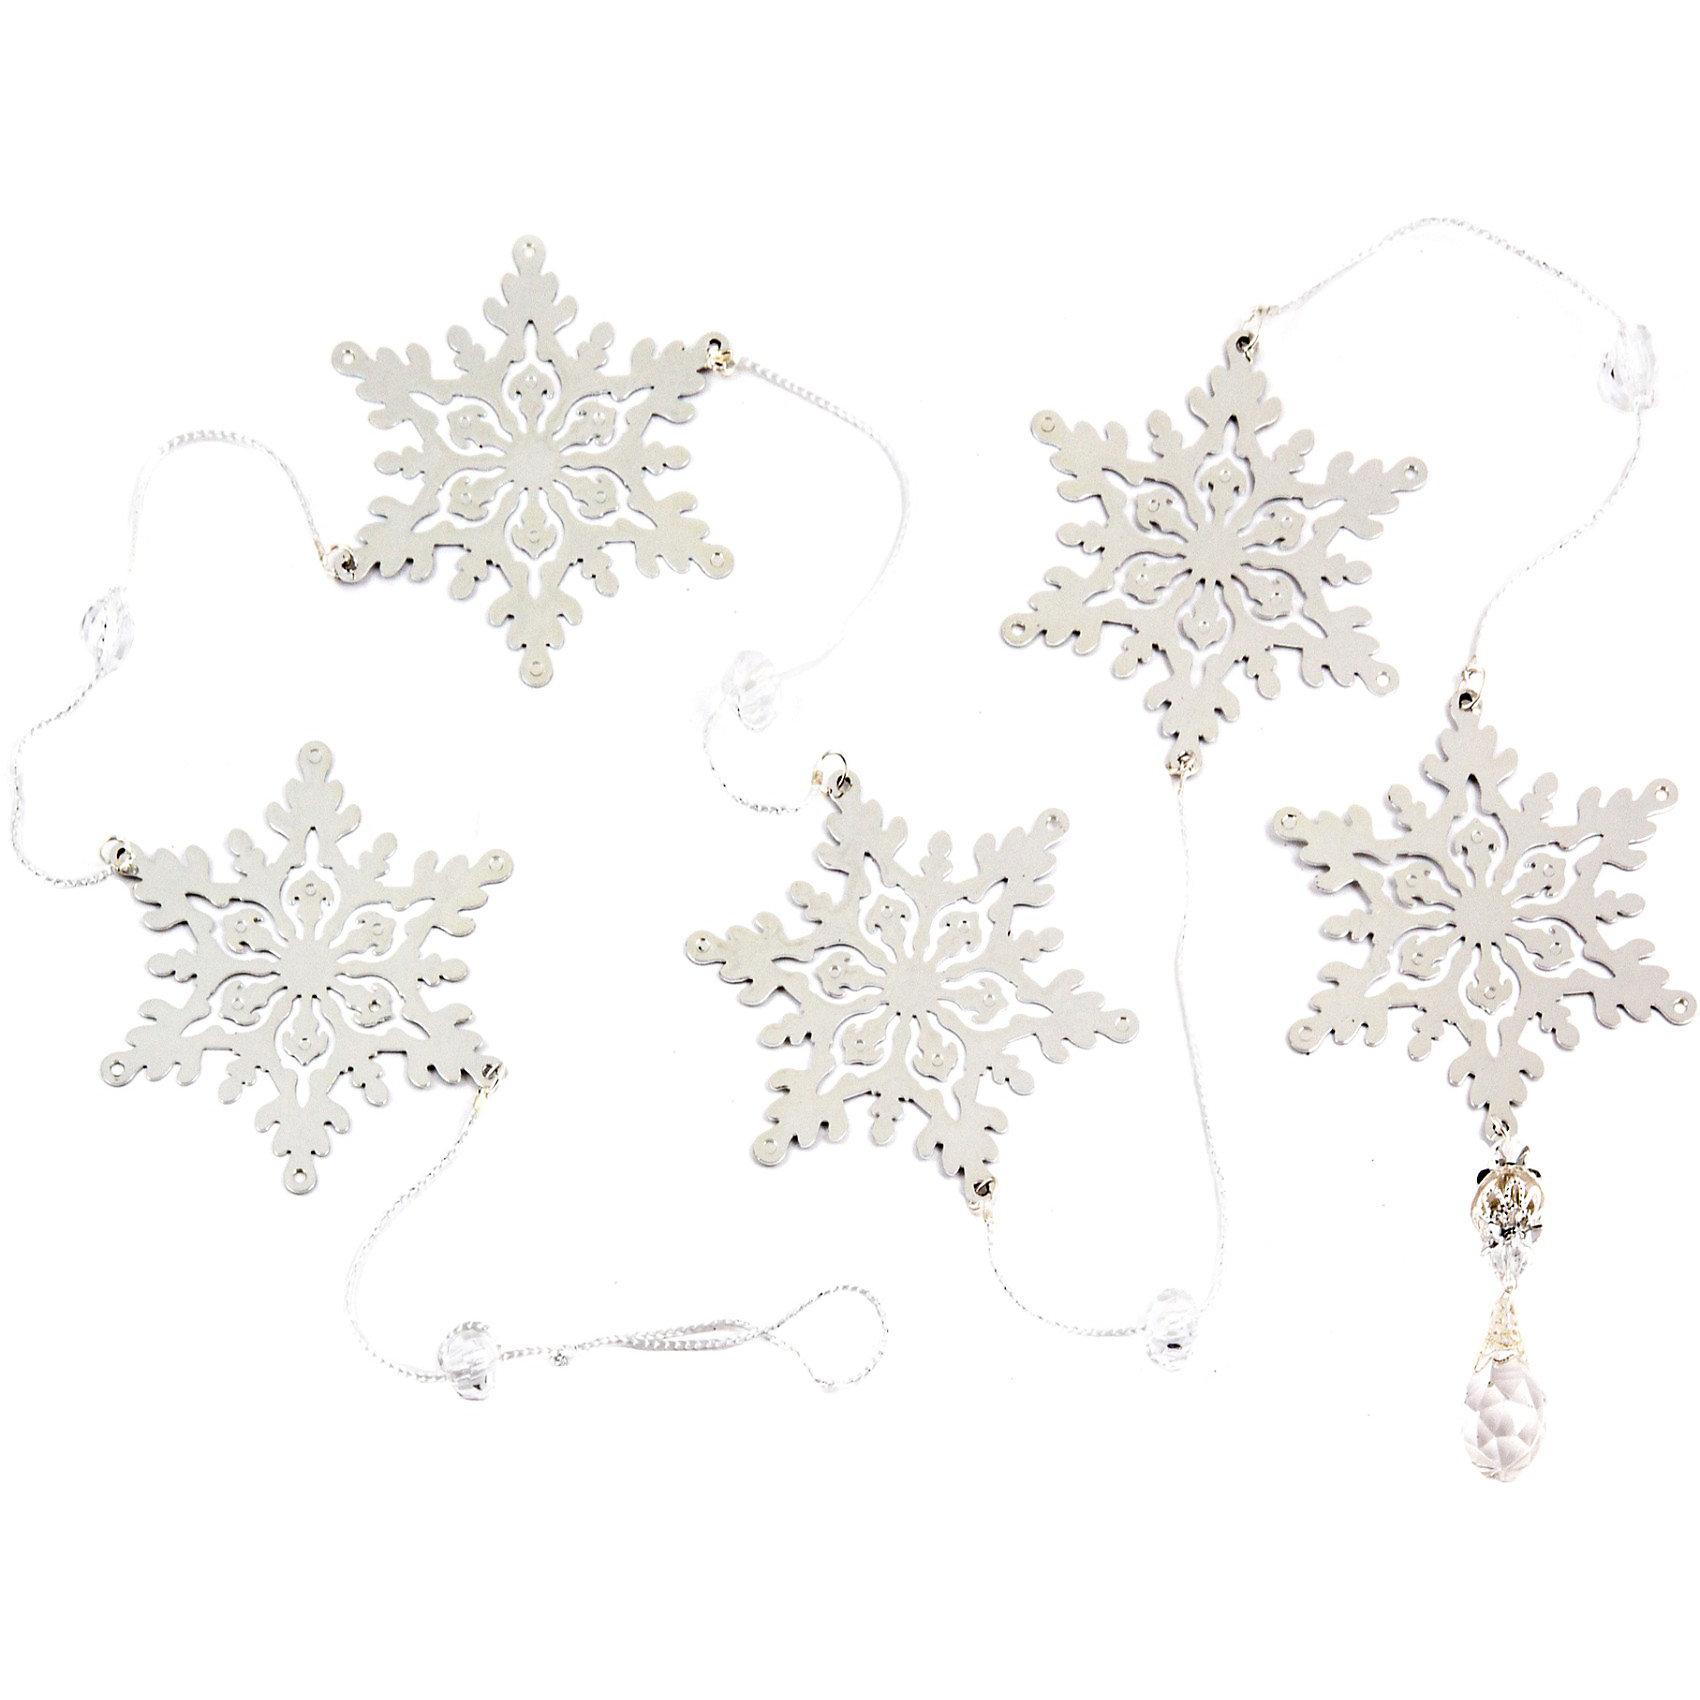 Металлическая подвеска-гирлянда Снежинки (150х8,5 см, цвет серебро), Волшебная странаМеталлическая подвеска-гирлянда Снежинки, Волшебная страна станет замечательным украшением Вашей новогодней елки или интерьера и поможет создать праздничную волшебную атмосферу. Элегантная гирлянда выполнена в виде серебристых нарядных снежинок, она будет чудесно смотреться на елке и вызывать положительные эмоции у<br>детей и взрослых.<br><br>Дополнительная информация:<br><br>- Цвет: серебро.<br>- Материал: металл.<br>- Размер: 150 х 8,5 см.<br>- Вес: 68 гр. <br><br>Металлическую подвеску-гирлянду Снежинки, Волшебная страна можно купить в нашем интернет-магазине.<br><br>Ширина мм: 370<br>Глубина мм: 30<br>Высота мм: 130<br>Вес г: 68<br>Возраст от месяцев: 36<br>Возраст до месяцев: 2147483647<br>Пол: Унисекс<br>Возраст: Детский<br>SKU: 3800265